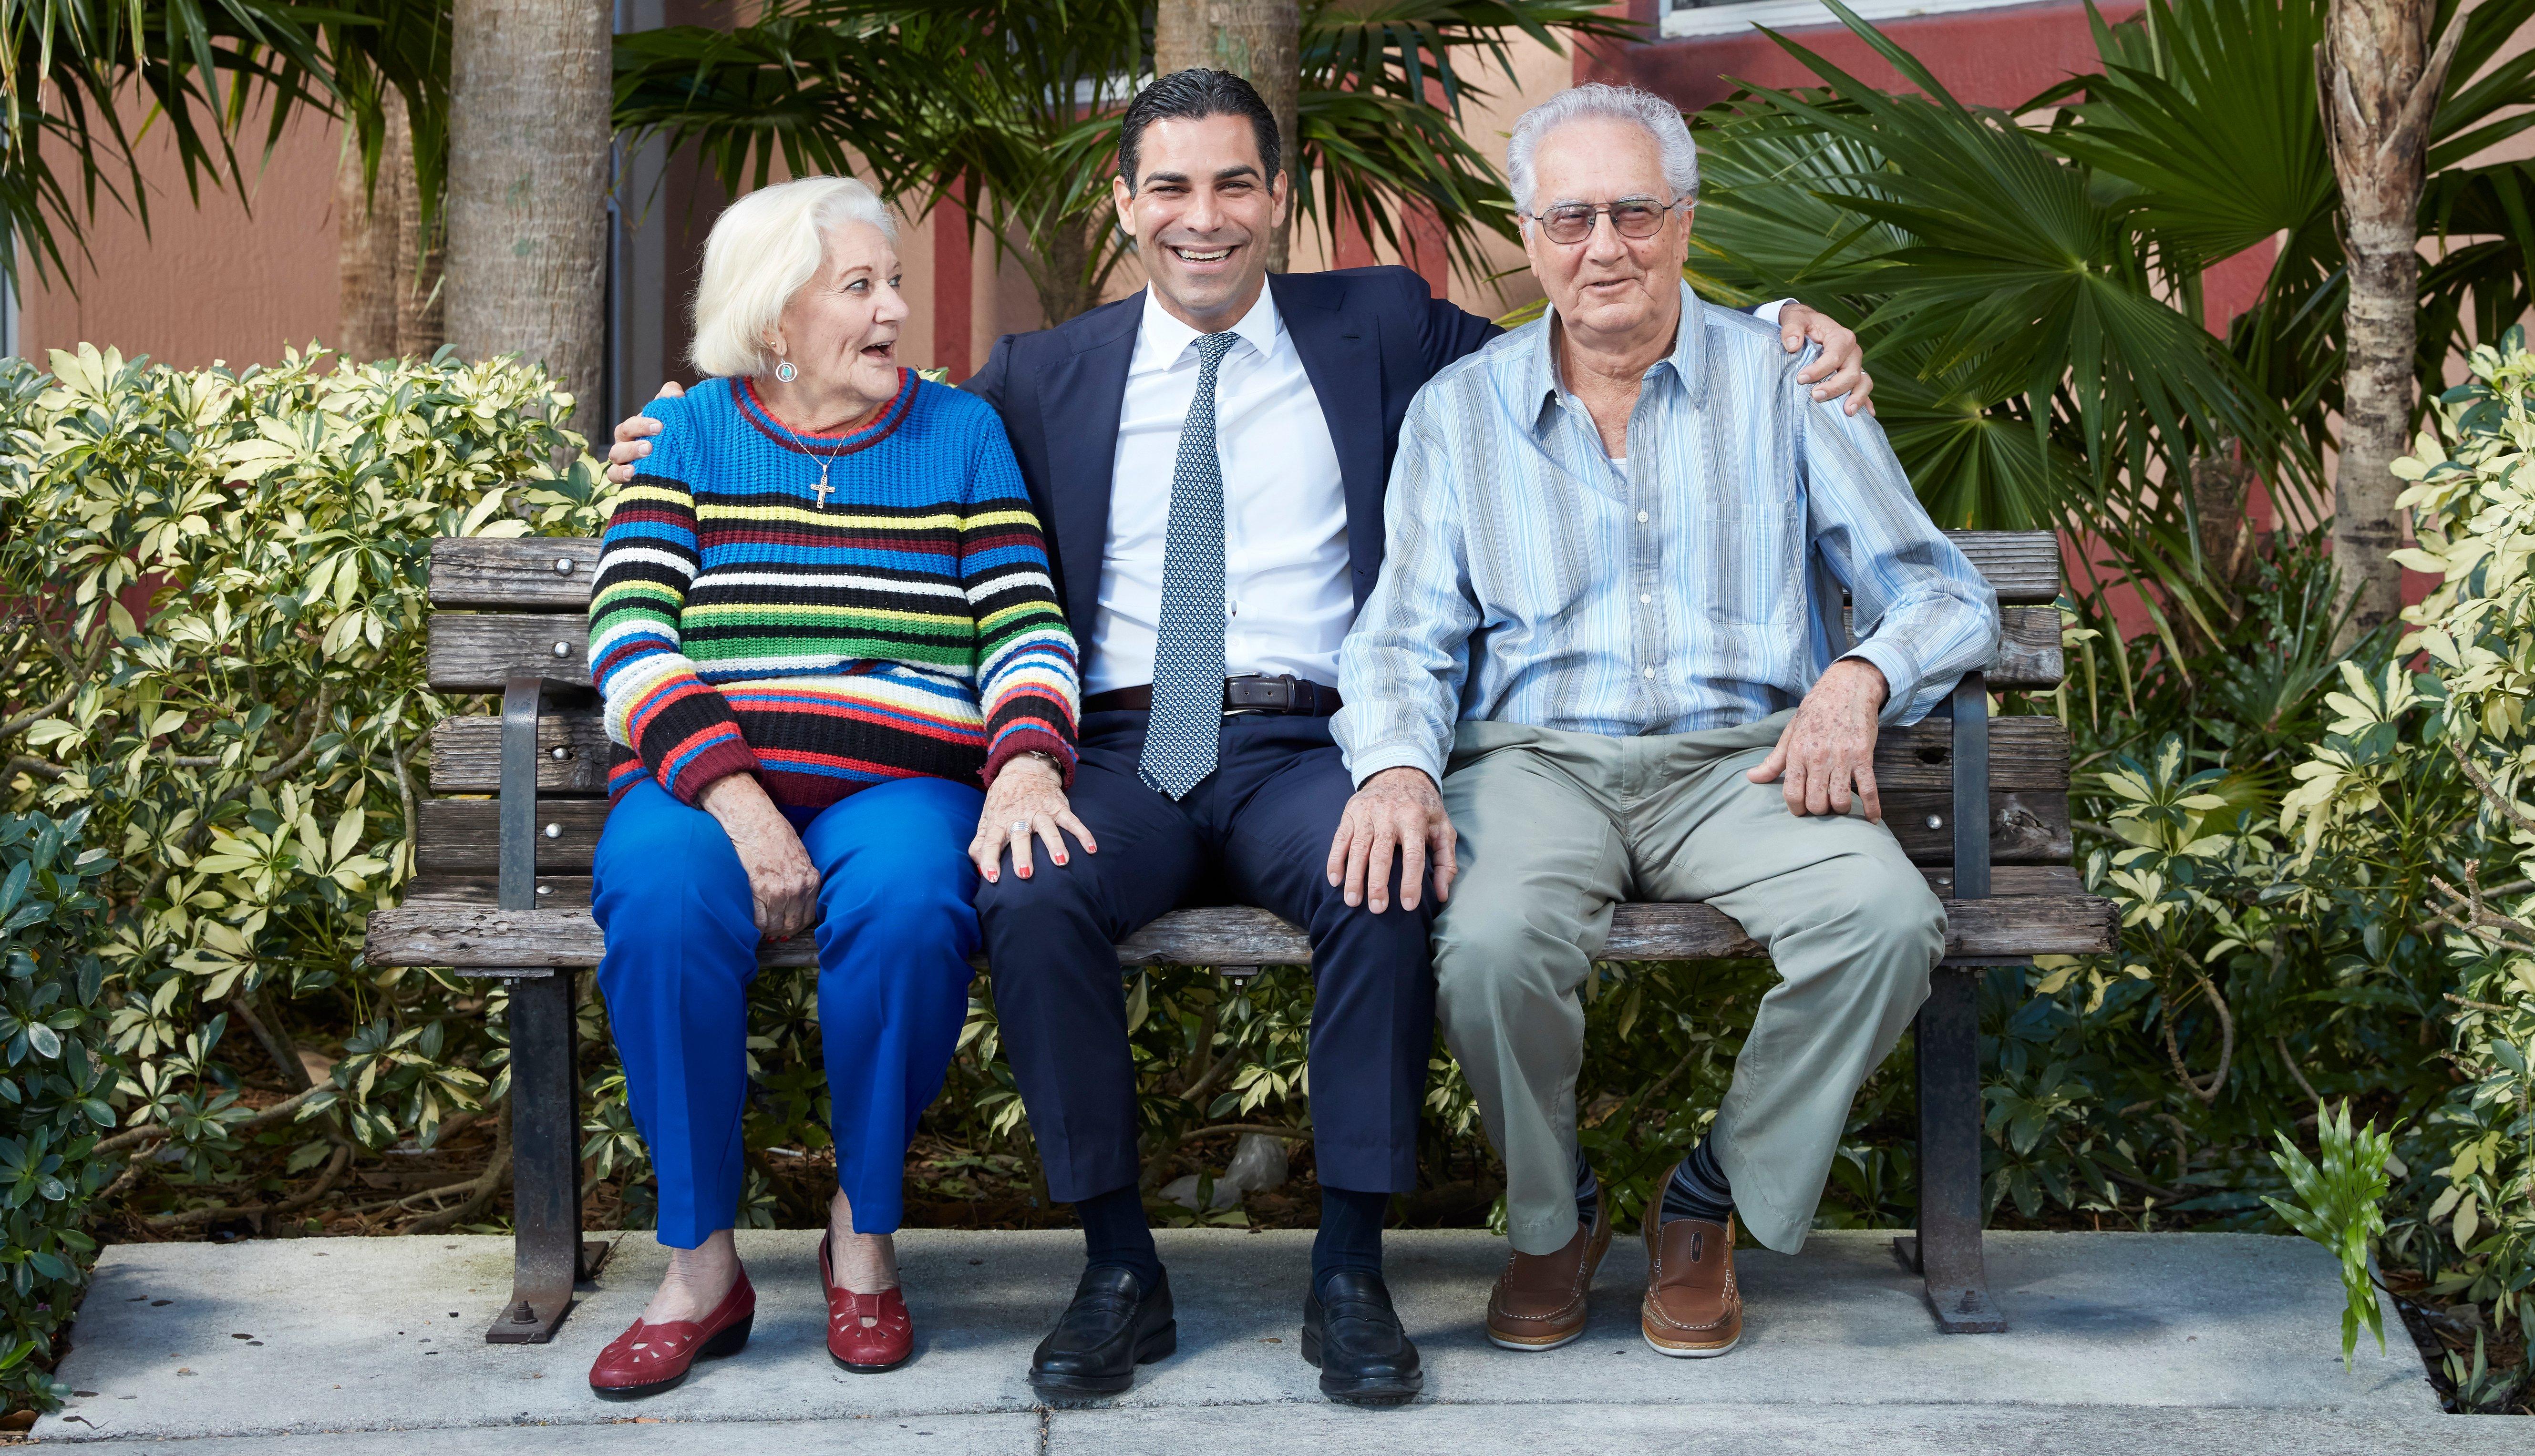 El alcalde Francis Suárez con los residentes del complejo de apartamentos Las Brisas en Miami